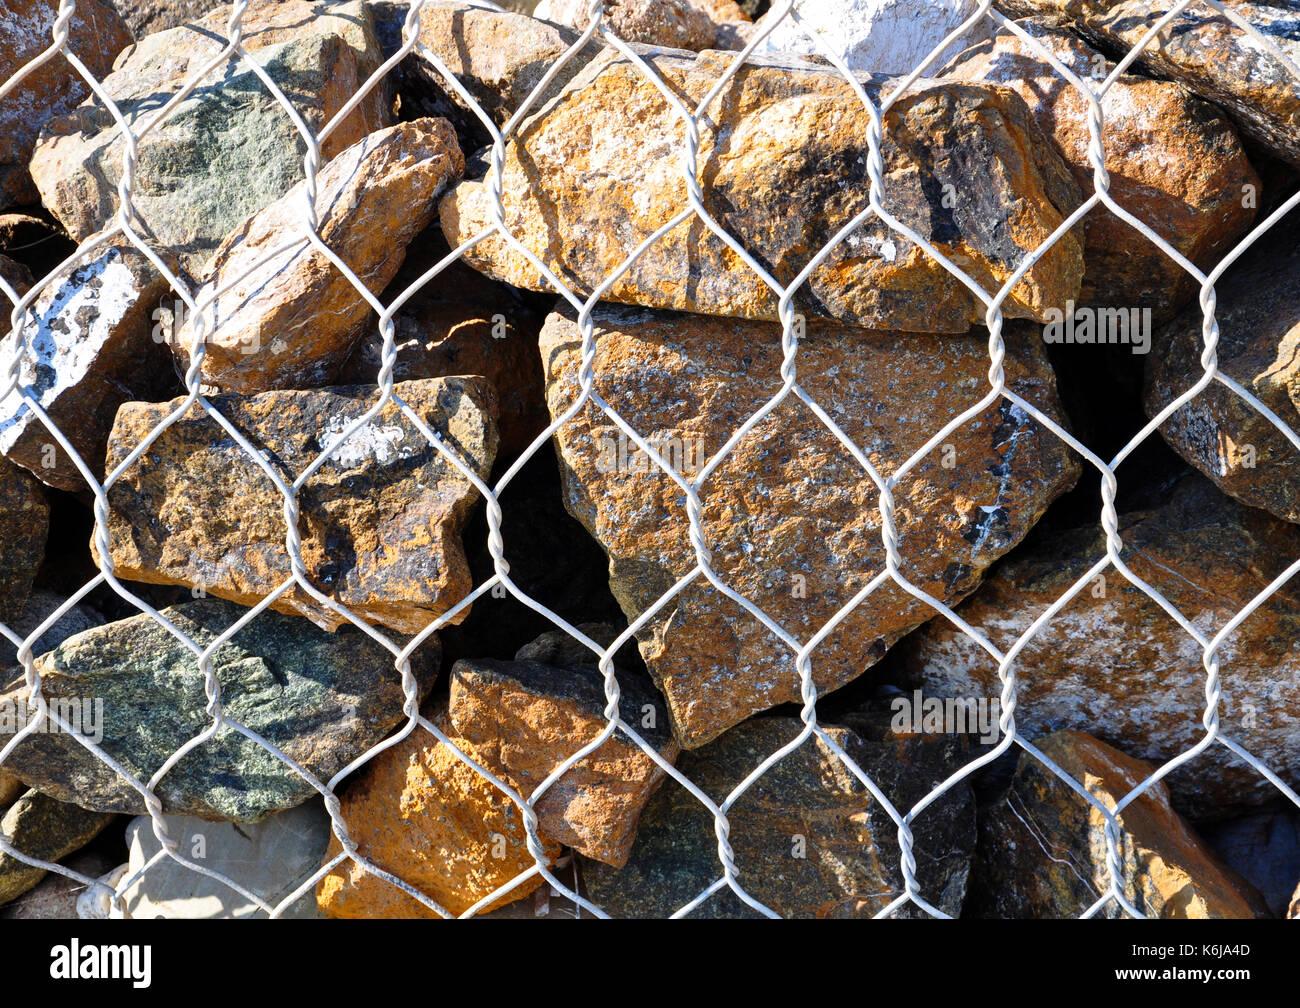 Zaun gefüllt Steine, Steine in metall draht Käfig Stockfoto, Bild ...